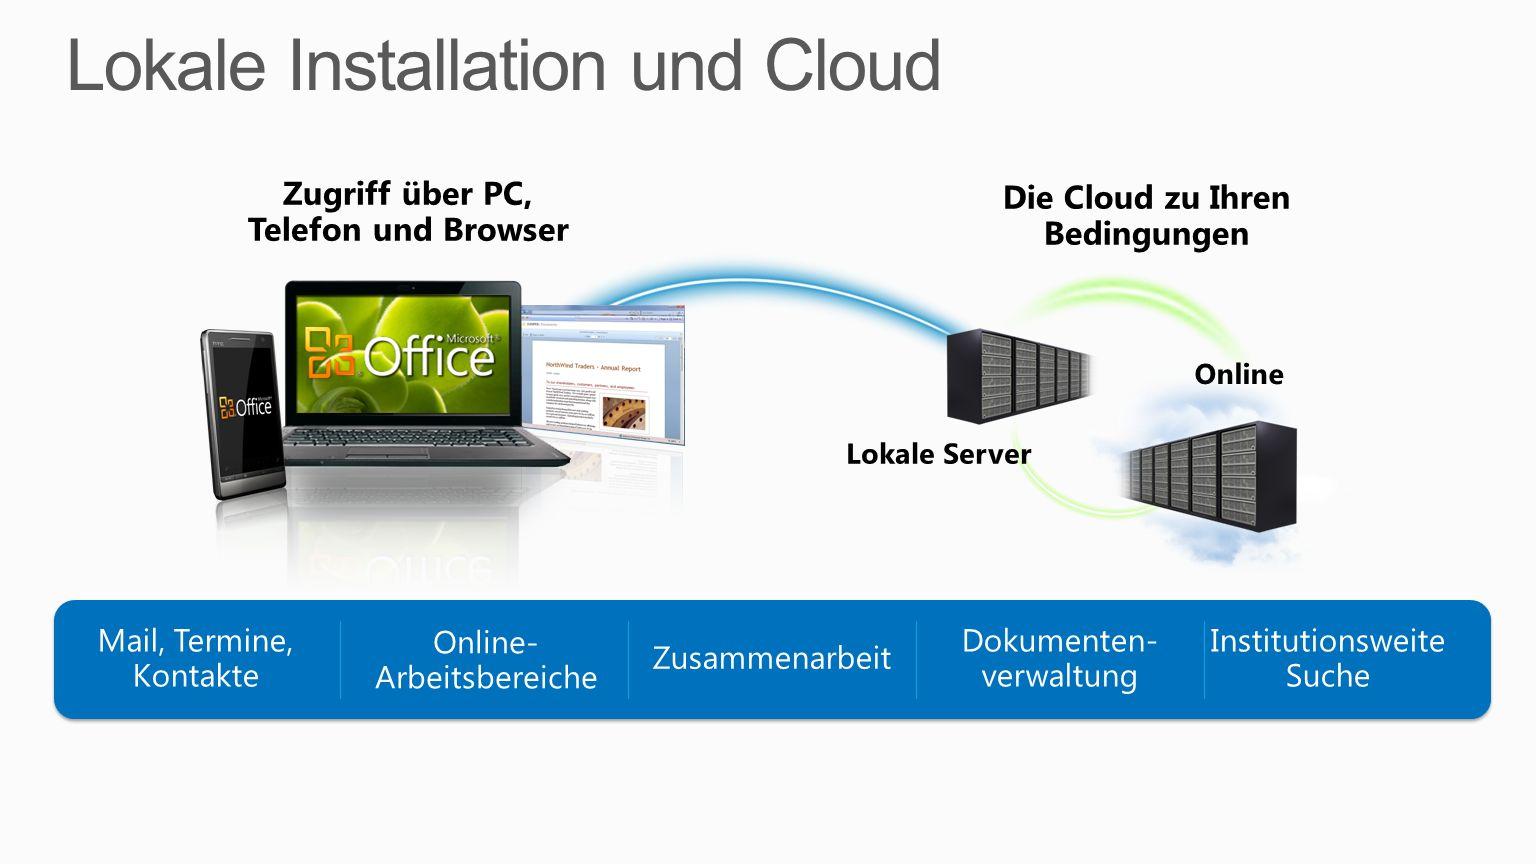 Lokale Installation und Cloud